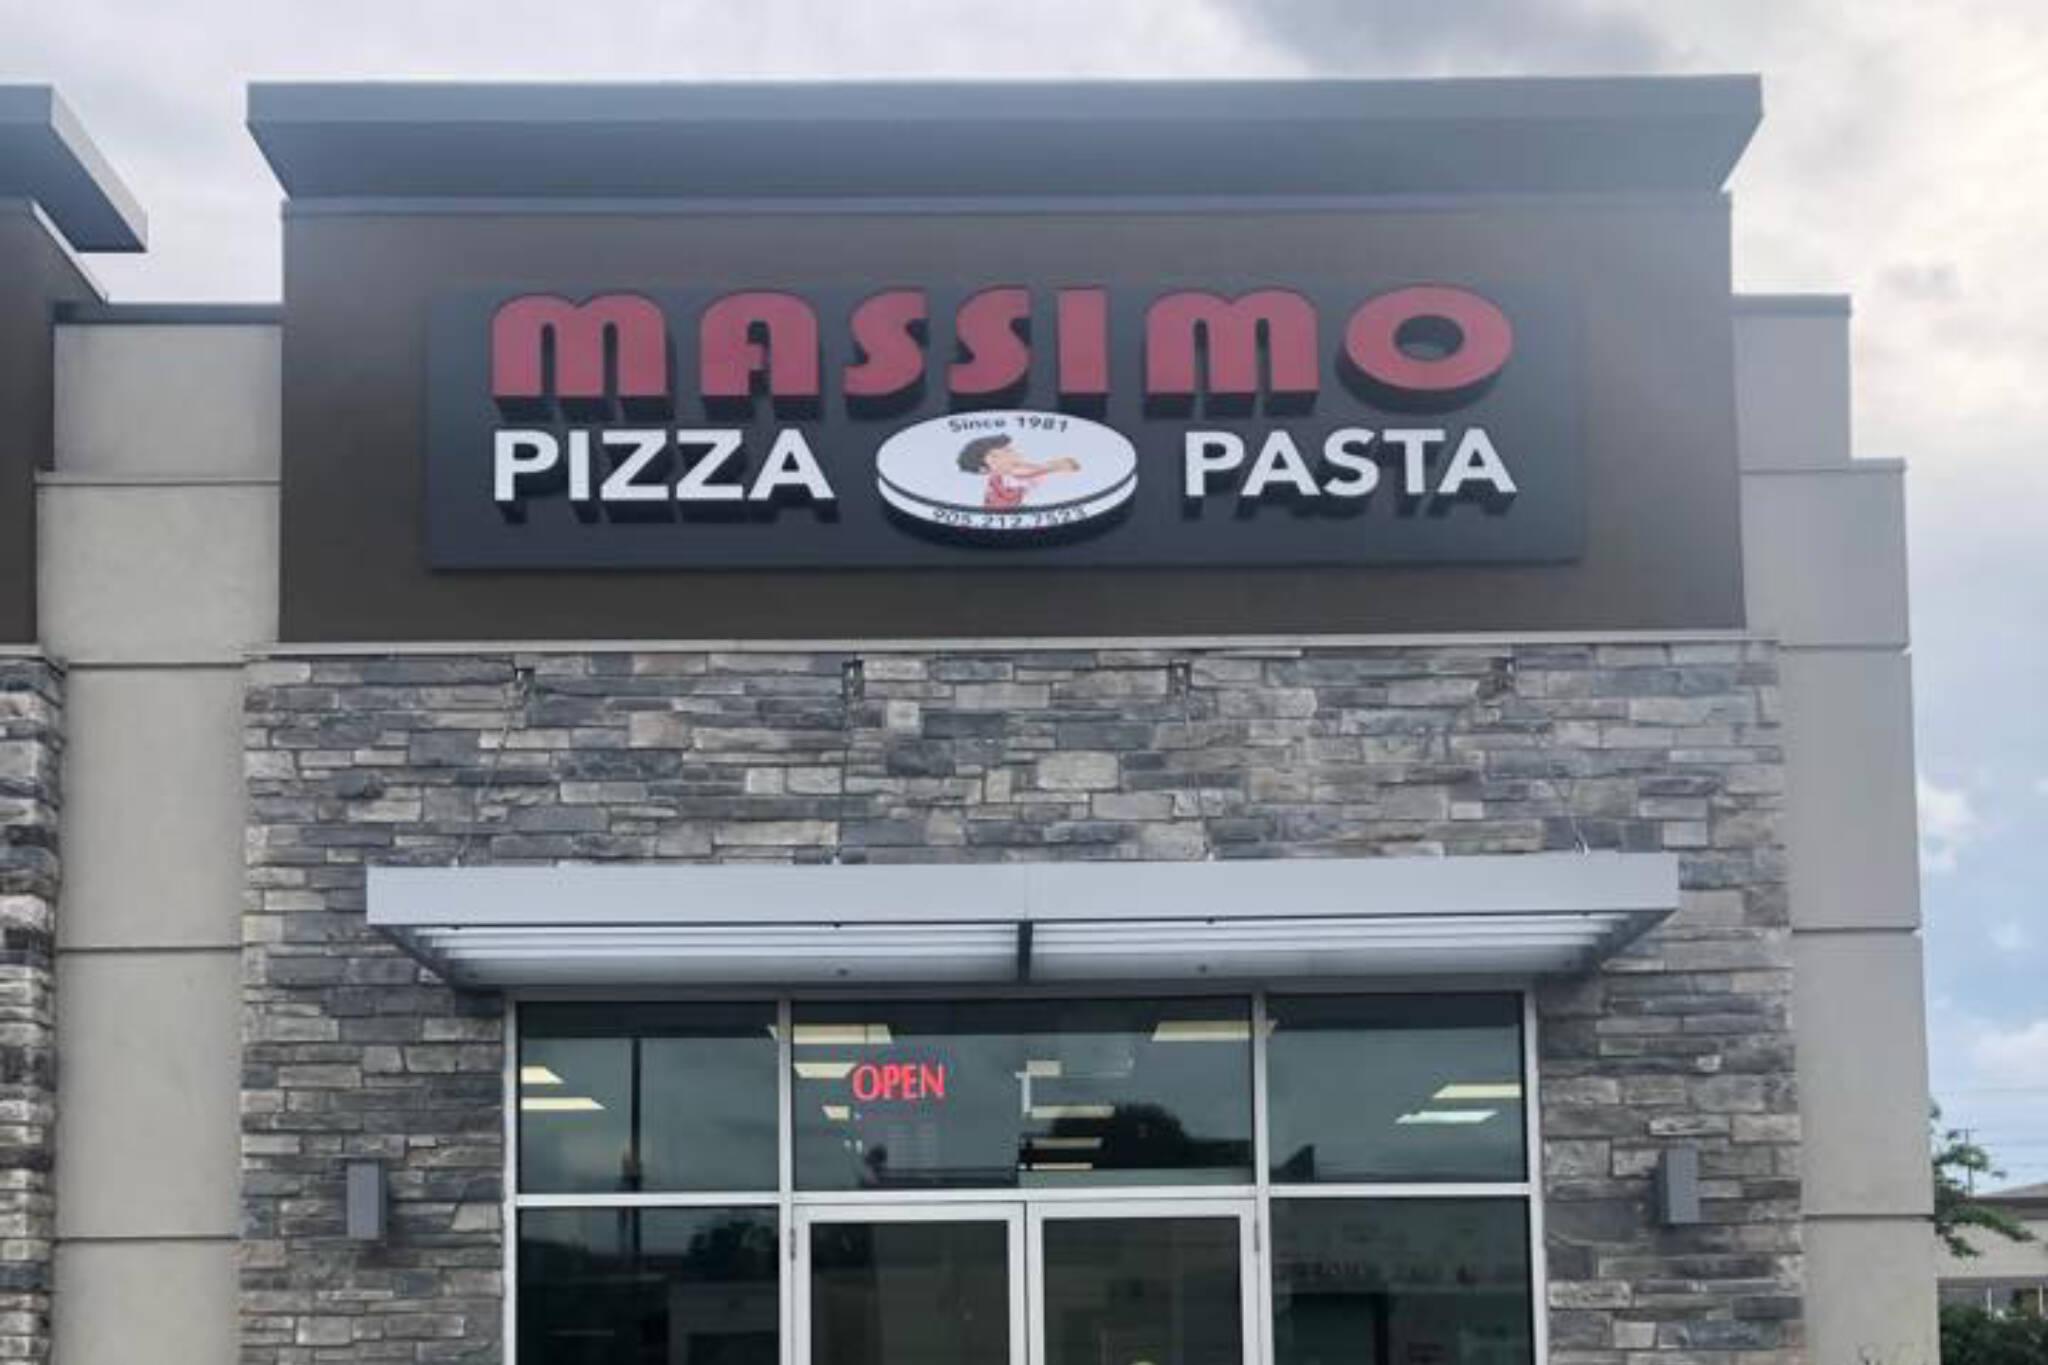 massimo pizza pasta